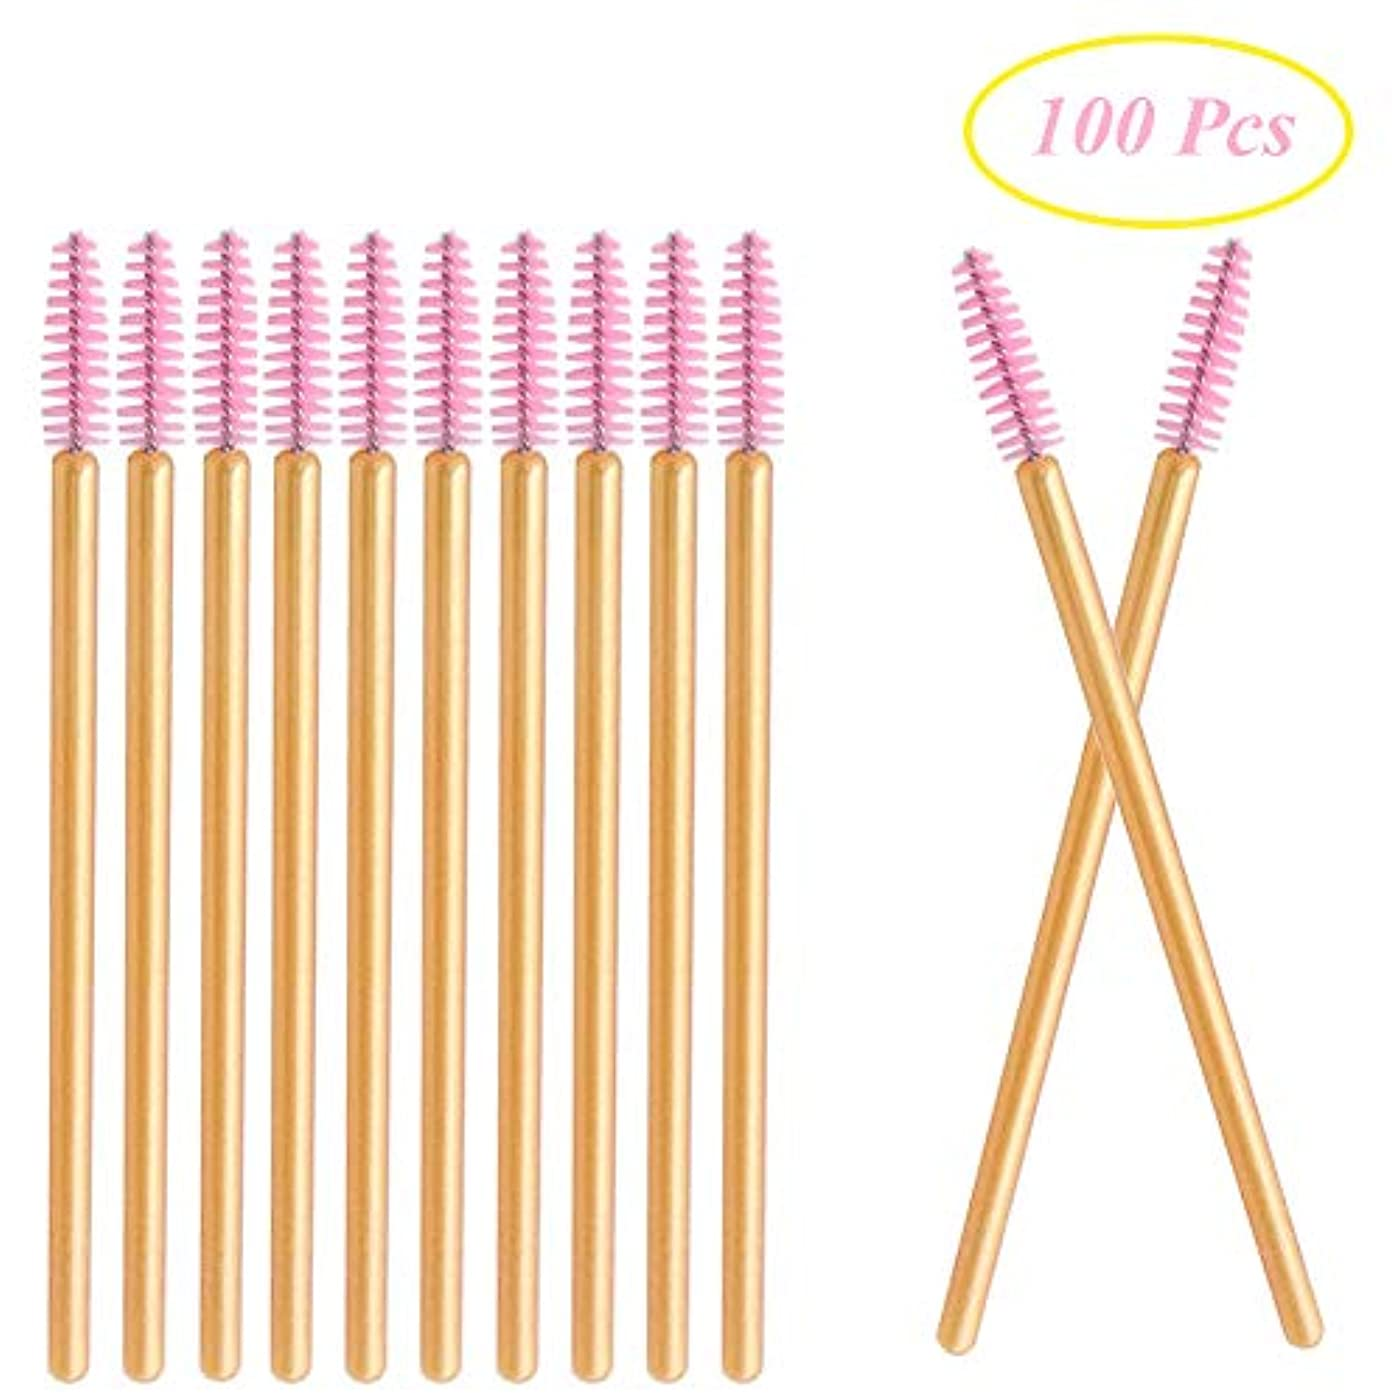 広がりローマ人慈悲深いDeksias 100本金色の竿まつげブラシ 使い捨て スクリューブラシ マスカラブラシ まつげコーム メイクブラシ アイメイク 化粧用品 (ピンク)